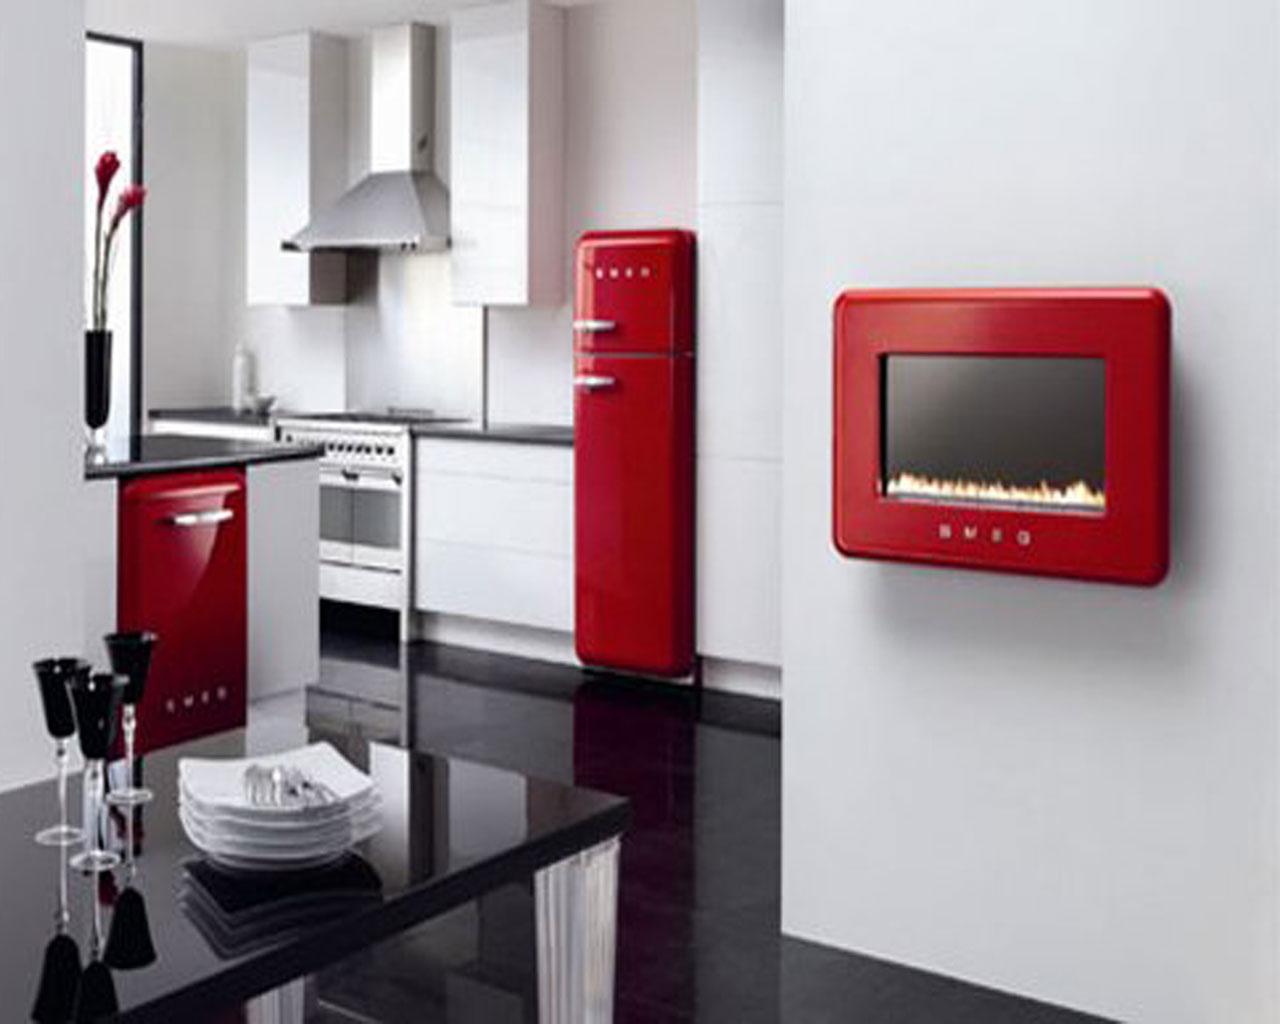 Red Kitchen Appliances Kitchen Supplies